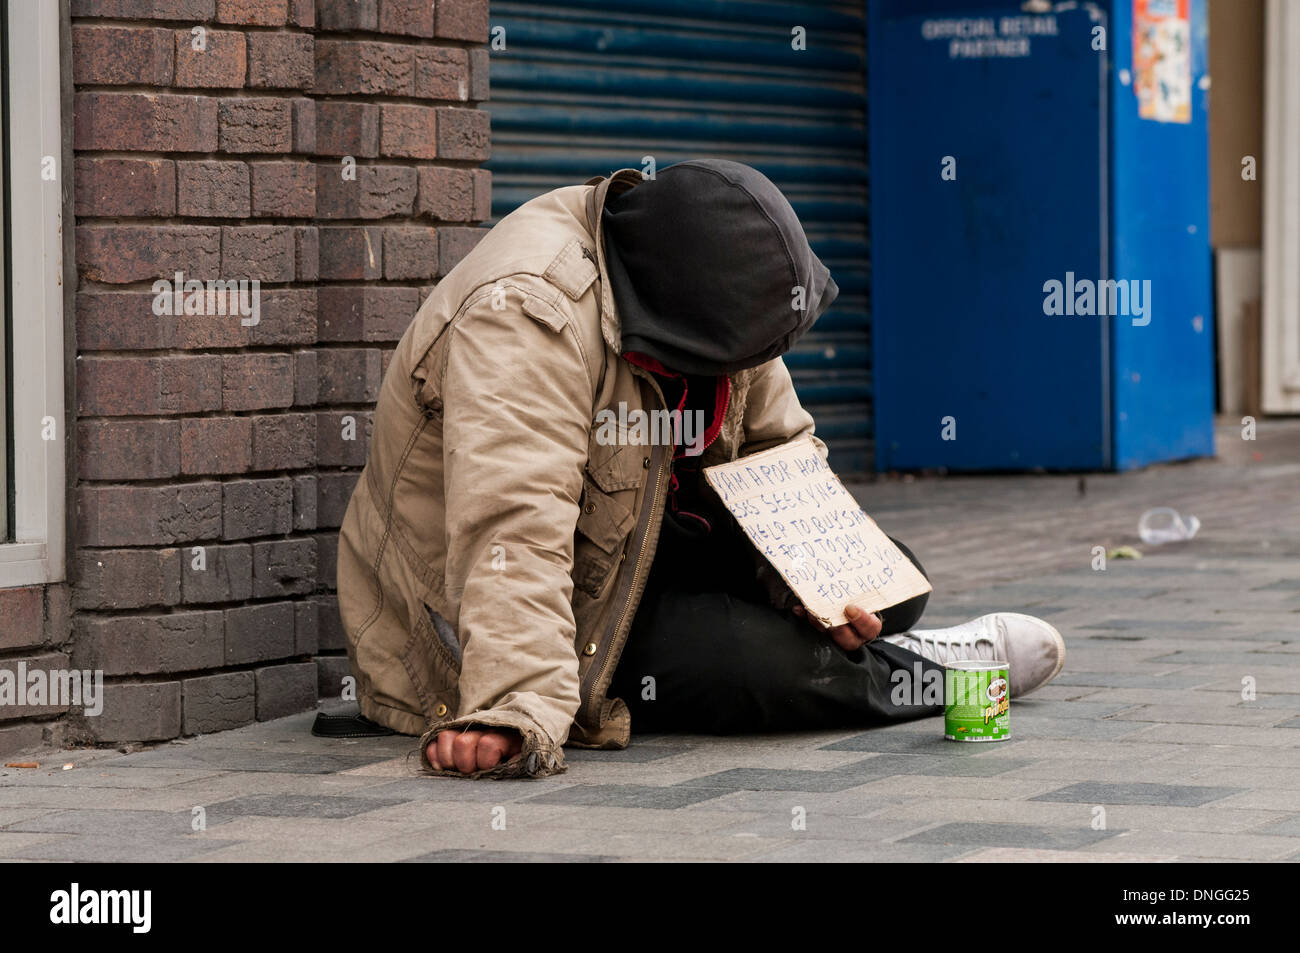 Senzatetto a mendicare per Sauchihall Street a Glasgow, Scotland, Regno Unito. Egli è seduto accanto a un negozio in cui è stato chiuso. Immagini Stock